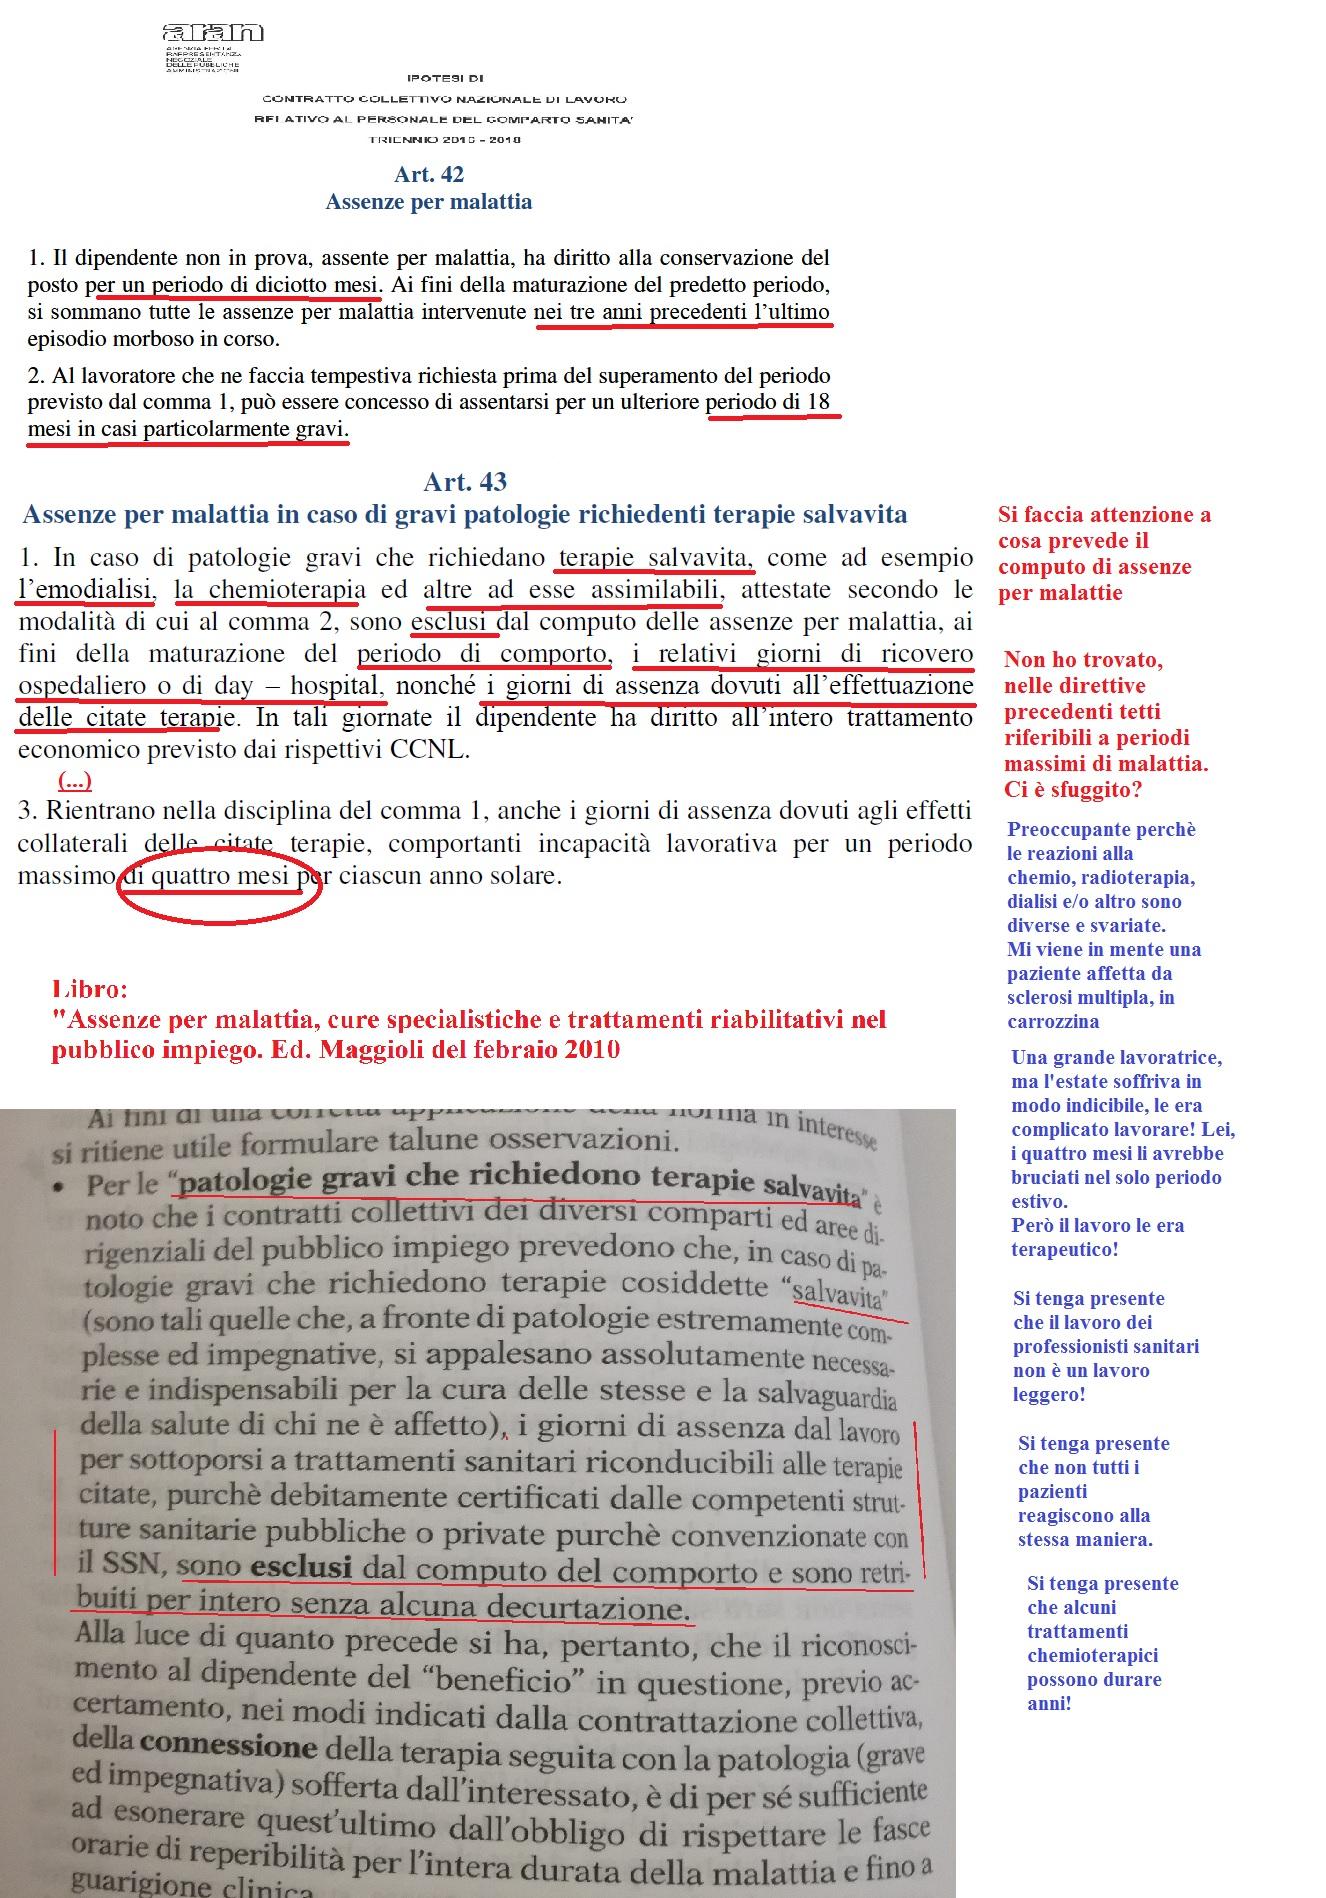 Art 43 Assenze Per Malattia In Caso Di Gravi Patologie Richiedenti Terapie Salvavita